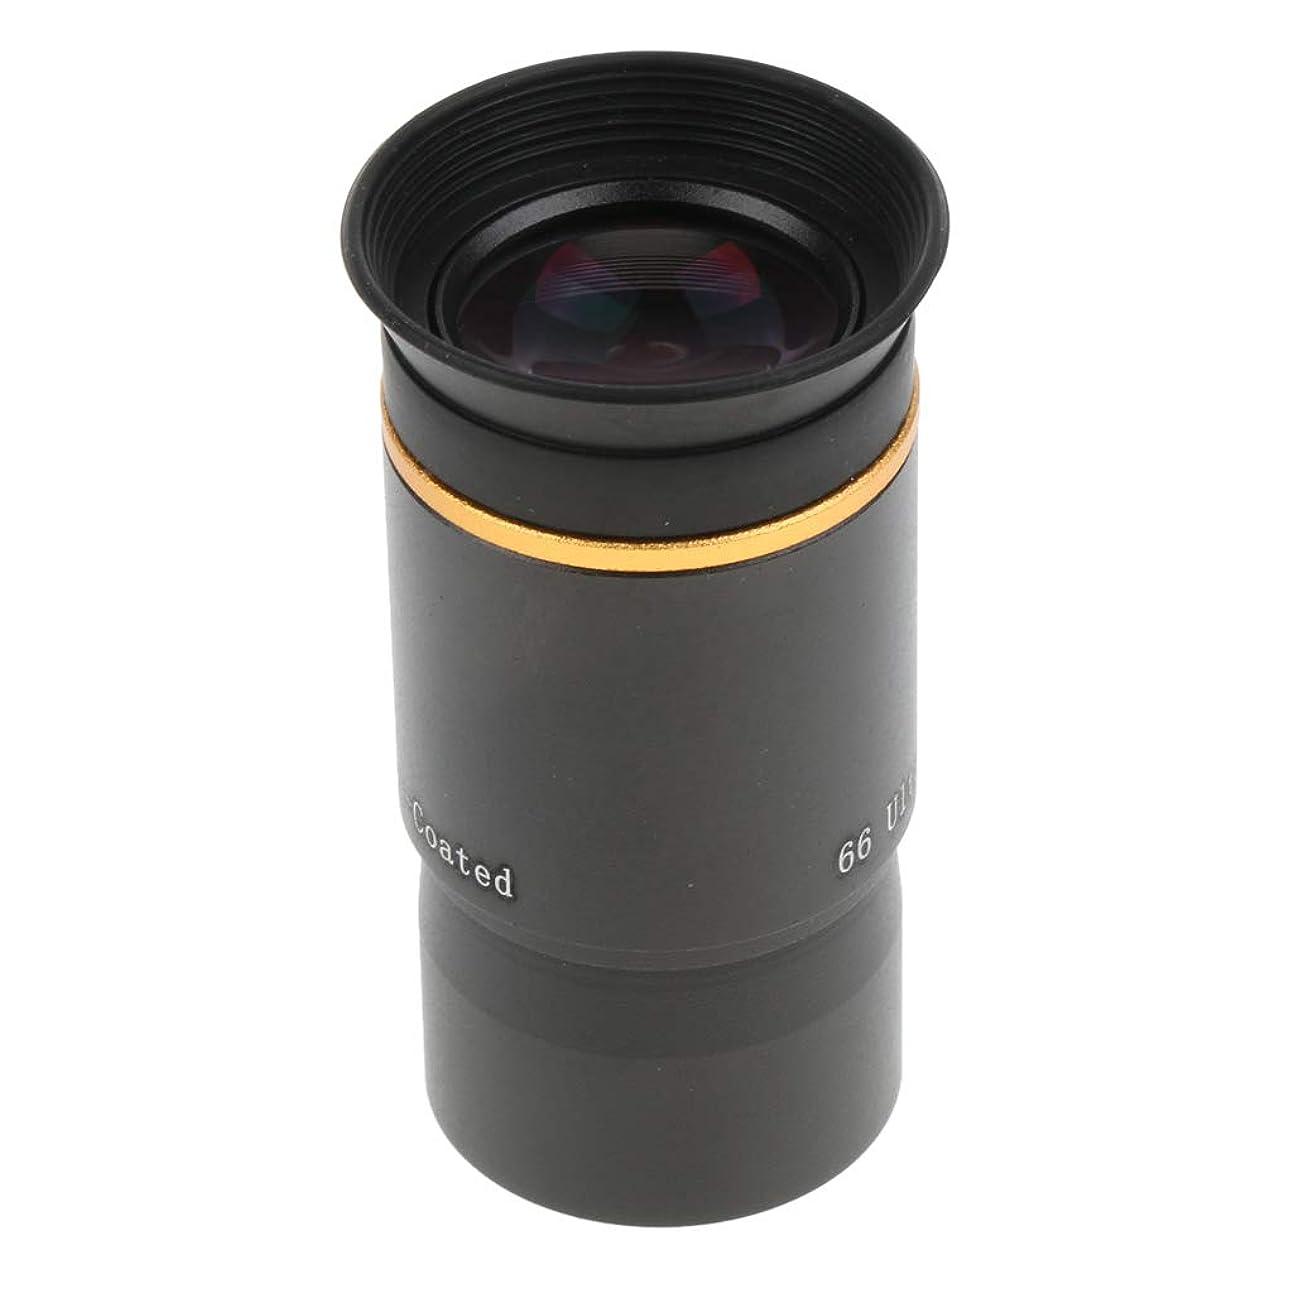 あなたのものバスタブフィッティング接眼レンズ VBESTLIFE 天体望遠鏡コリメーション接眼レンズ 金属製1.25 インチ~2インチ望遠鏡接眼レンズアダプター 31.7 mm~50.8 mmマウントアダプター